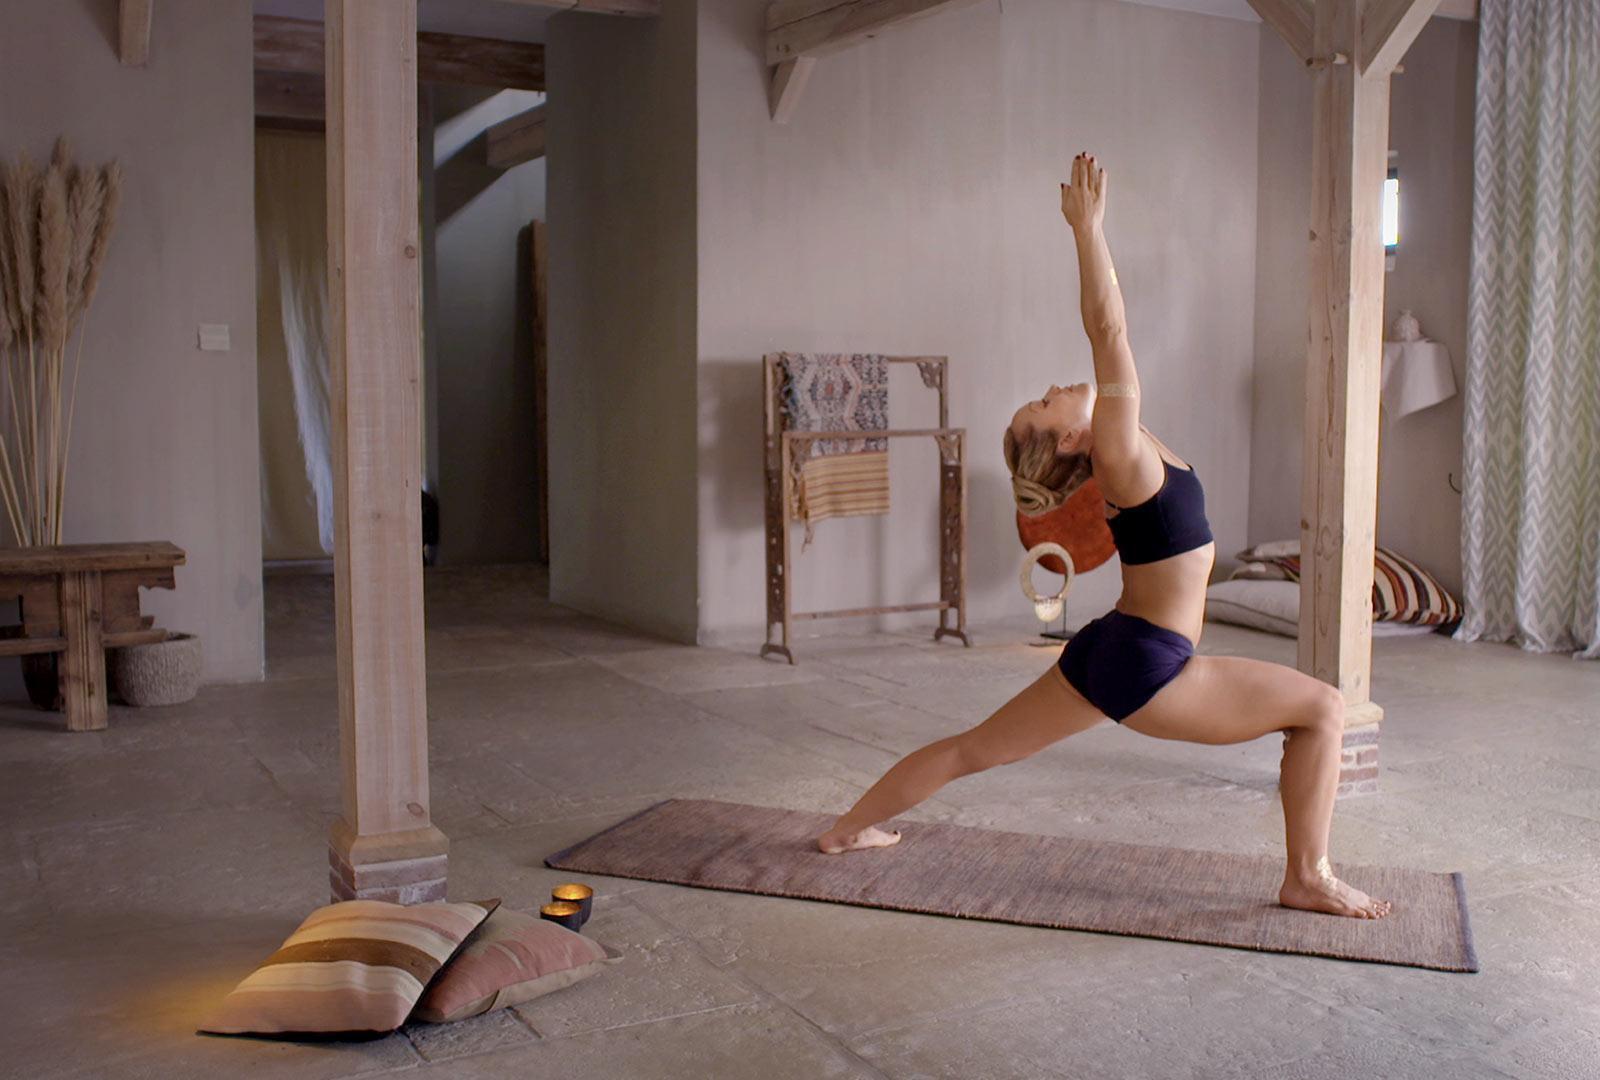 Does PM modi practice yoga everyday? 2